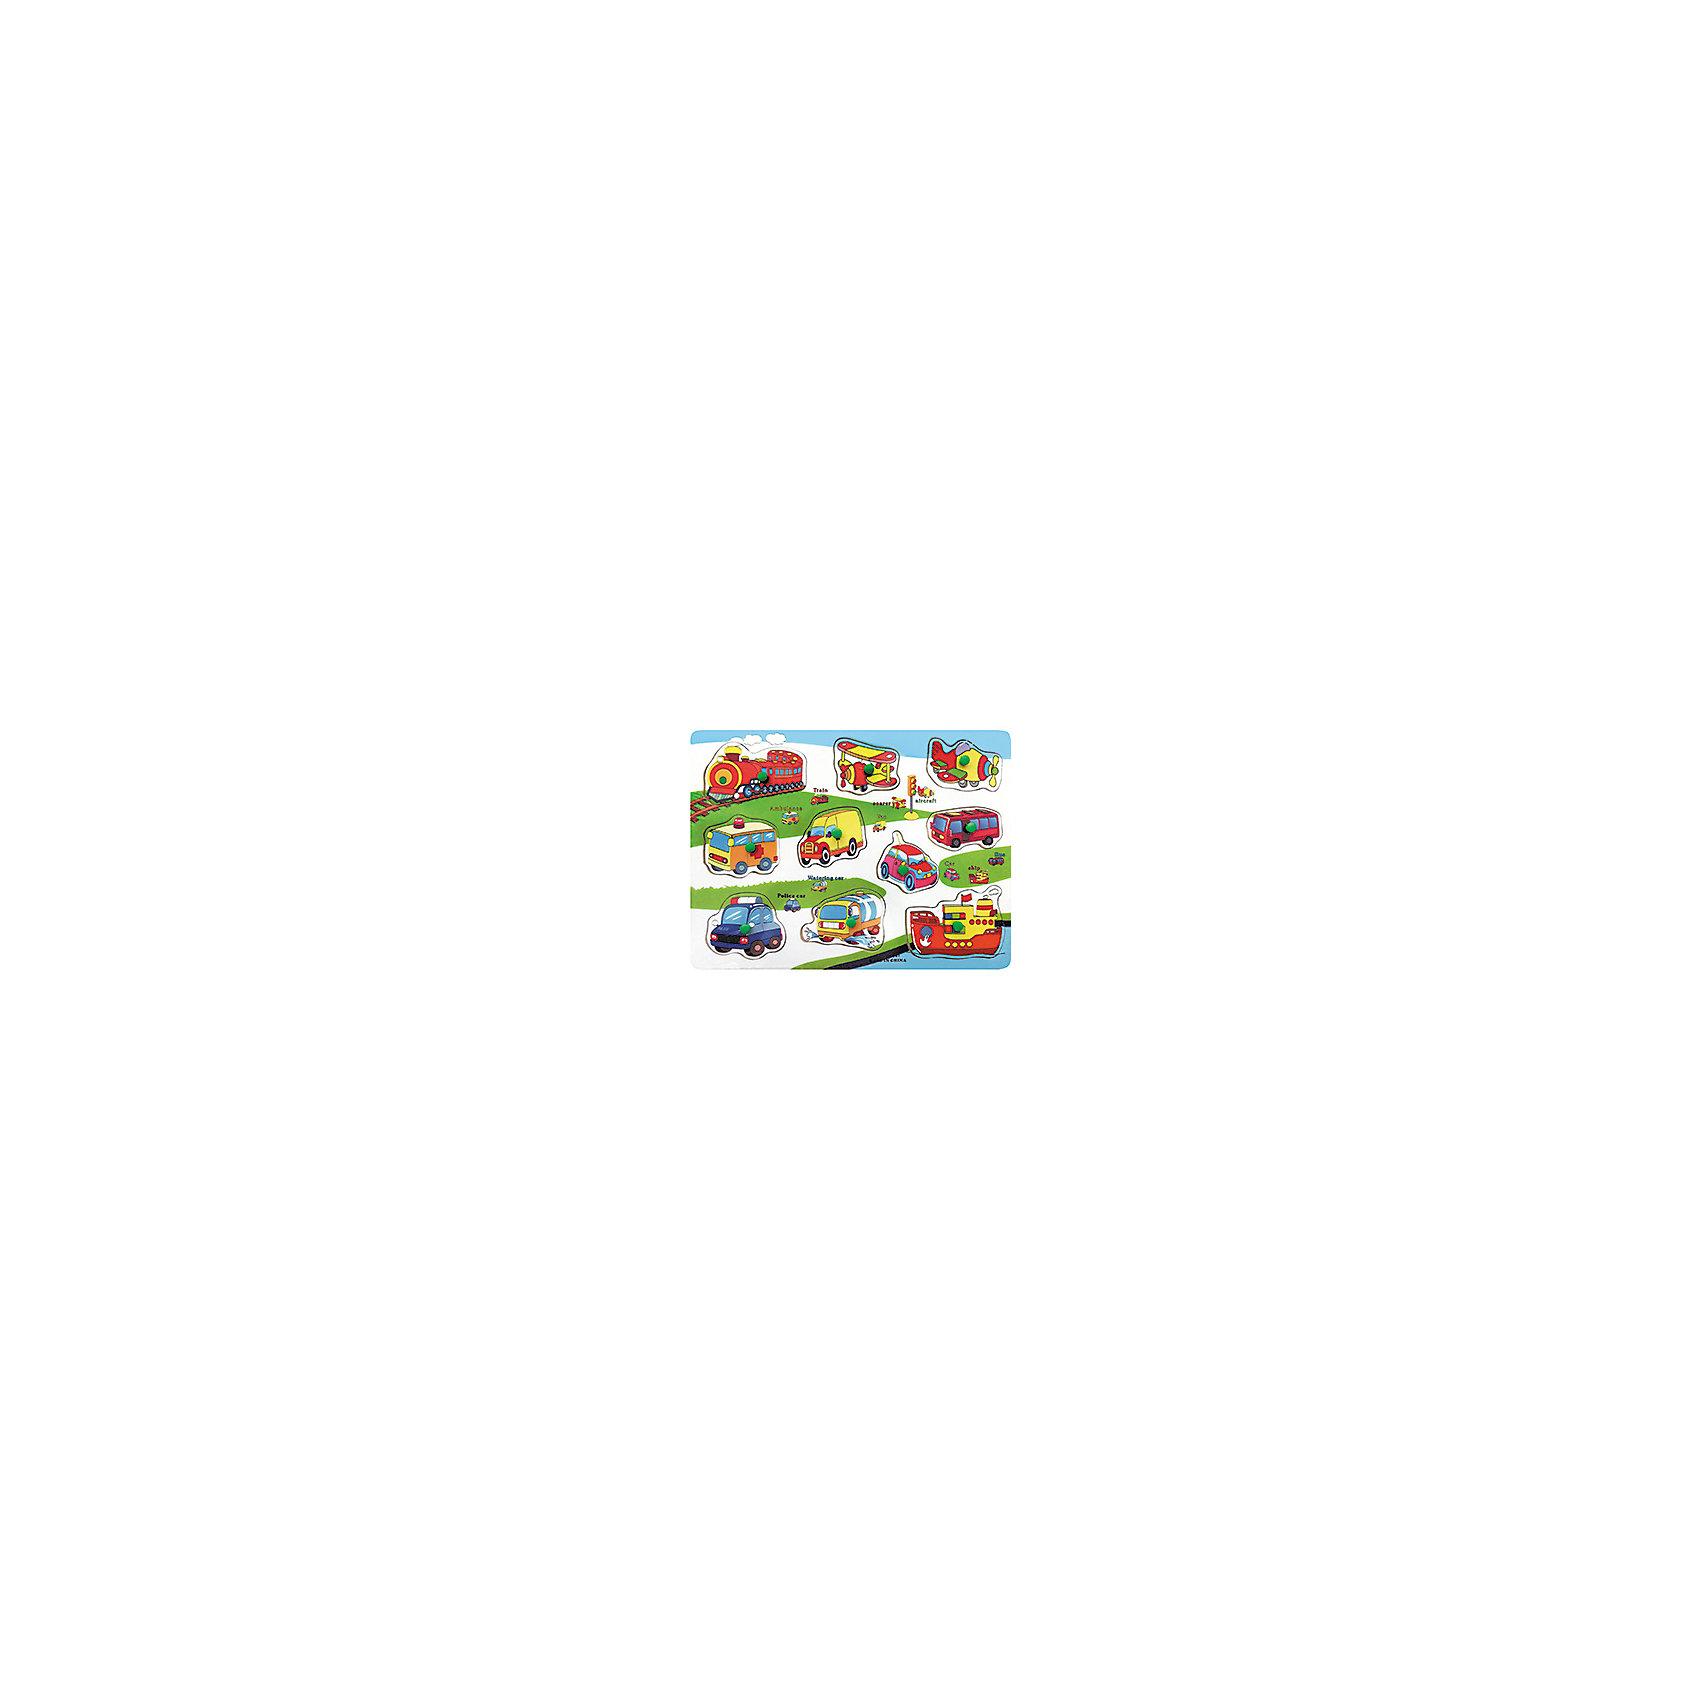 Деревянный пазл Транспорт, Kribly BooДеревянная доска, 10 съемных элементов<br><br>Ширина мм: 300<br>Глубина мм: 10<br>Высота мм: 230<br>Вес г: 29<br>Возраст от месяцев: 60<br>Возраст до месяцев: 120<br>Пол: Унисекс<br>Возраст: Детский<br>SKU: 5059065